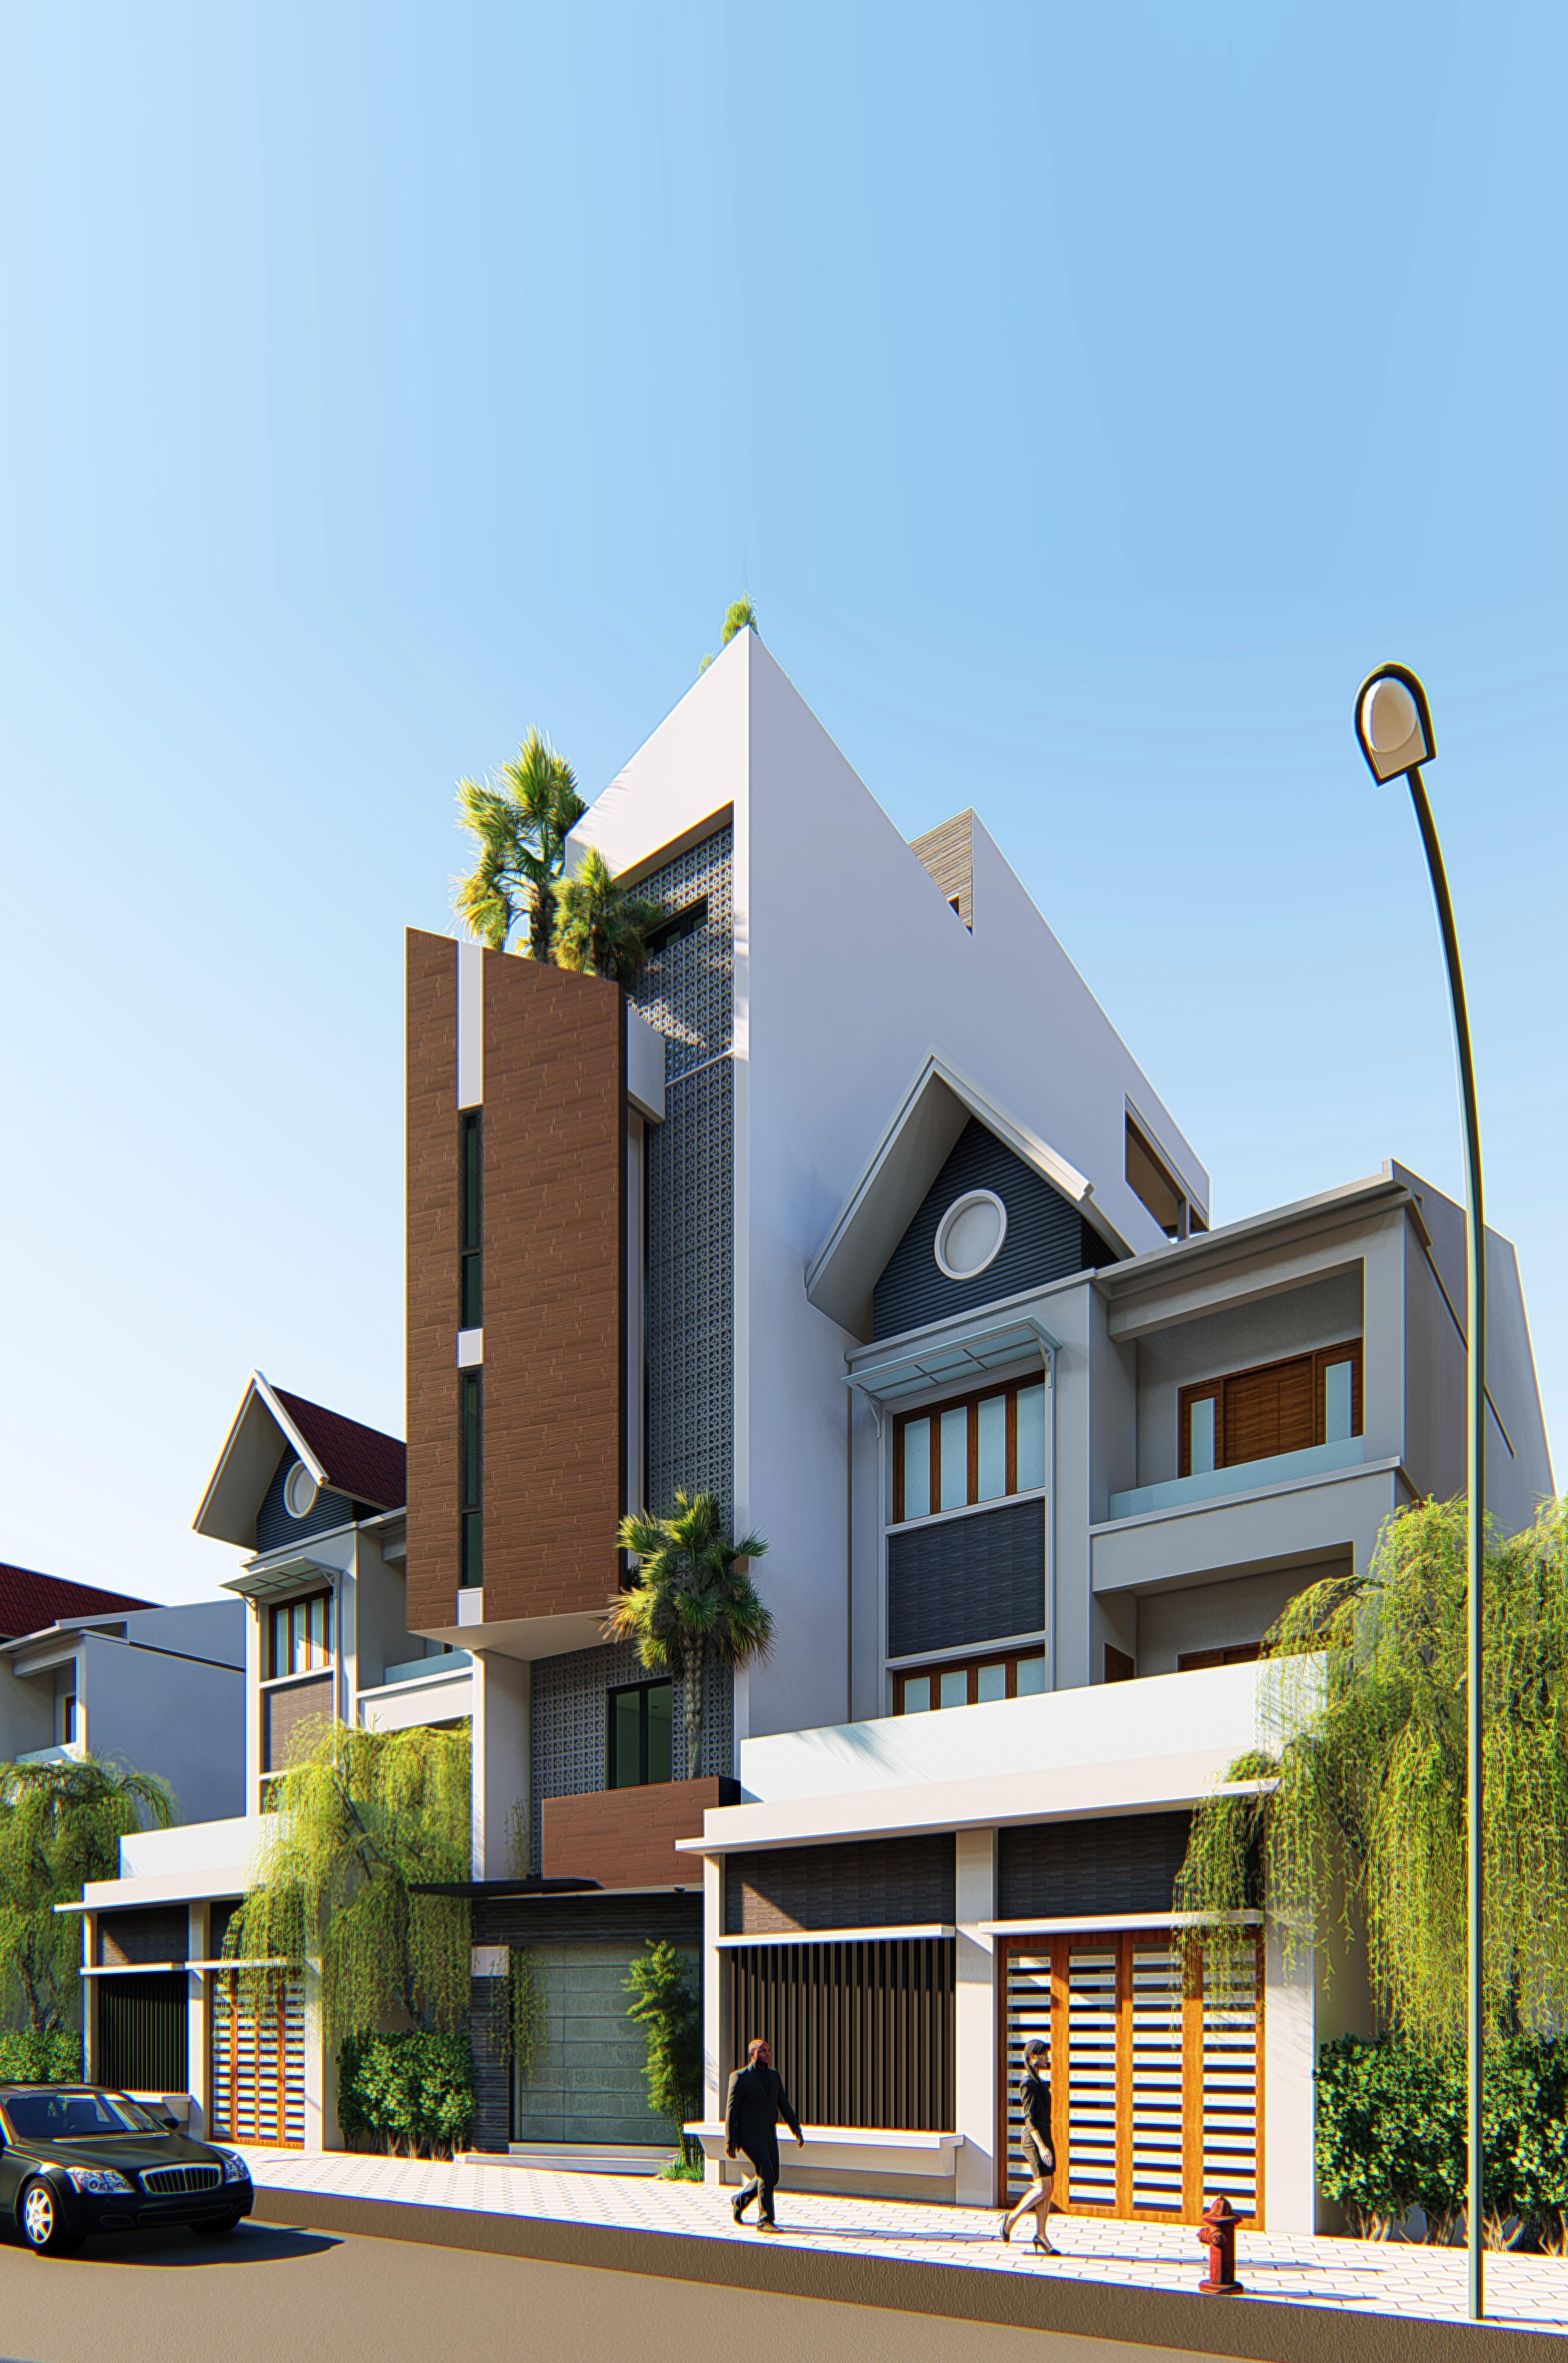 Siêu độc với thiết kế nhà phố 5 tầng hiện đại của anh Ngọc Anh